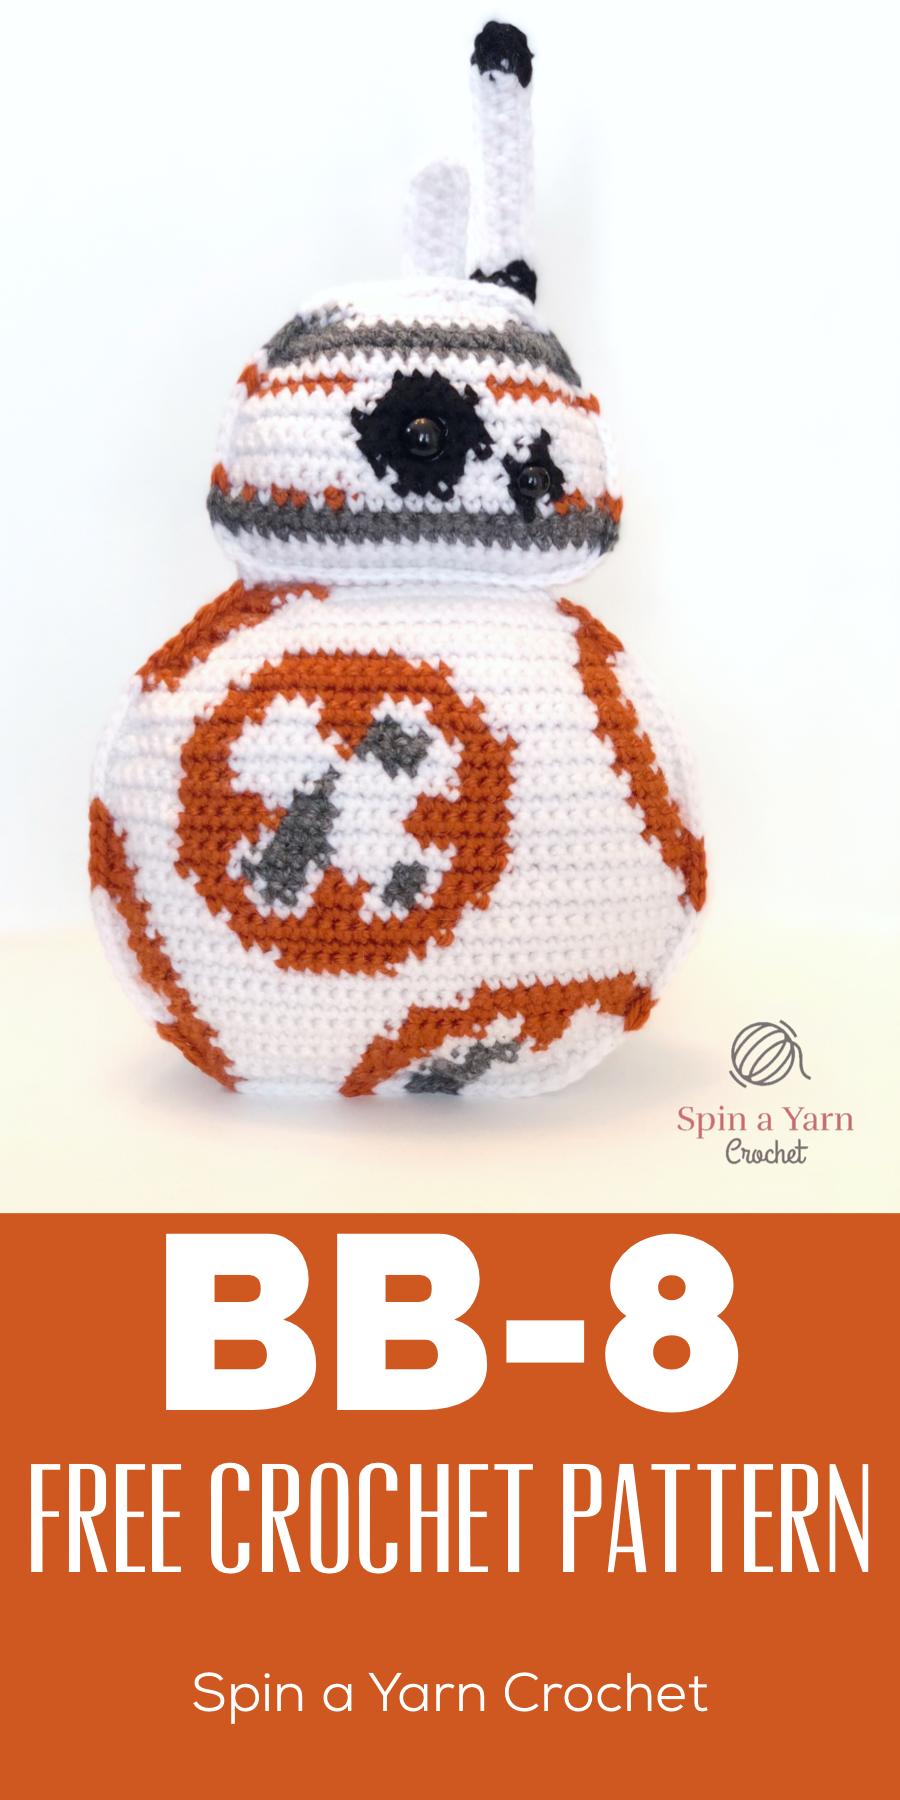 BB-8 Crochet Pattern - Spin a Yarn Crochet